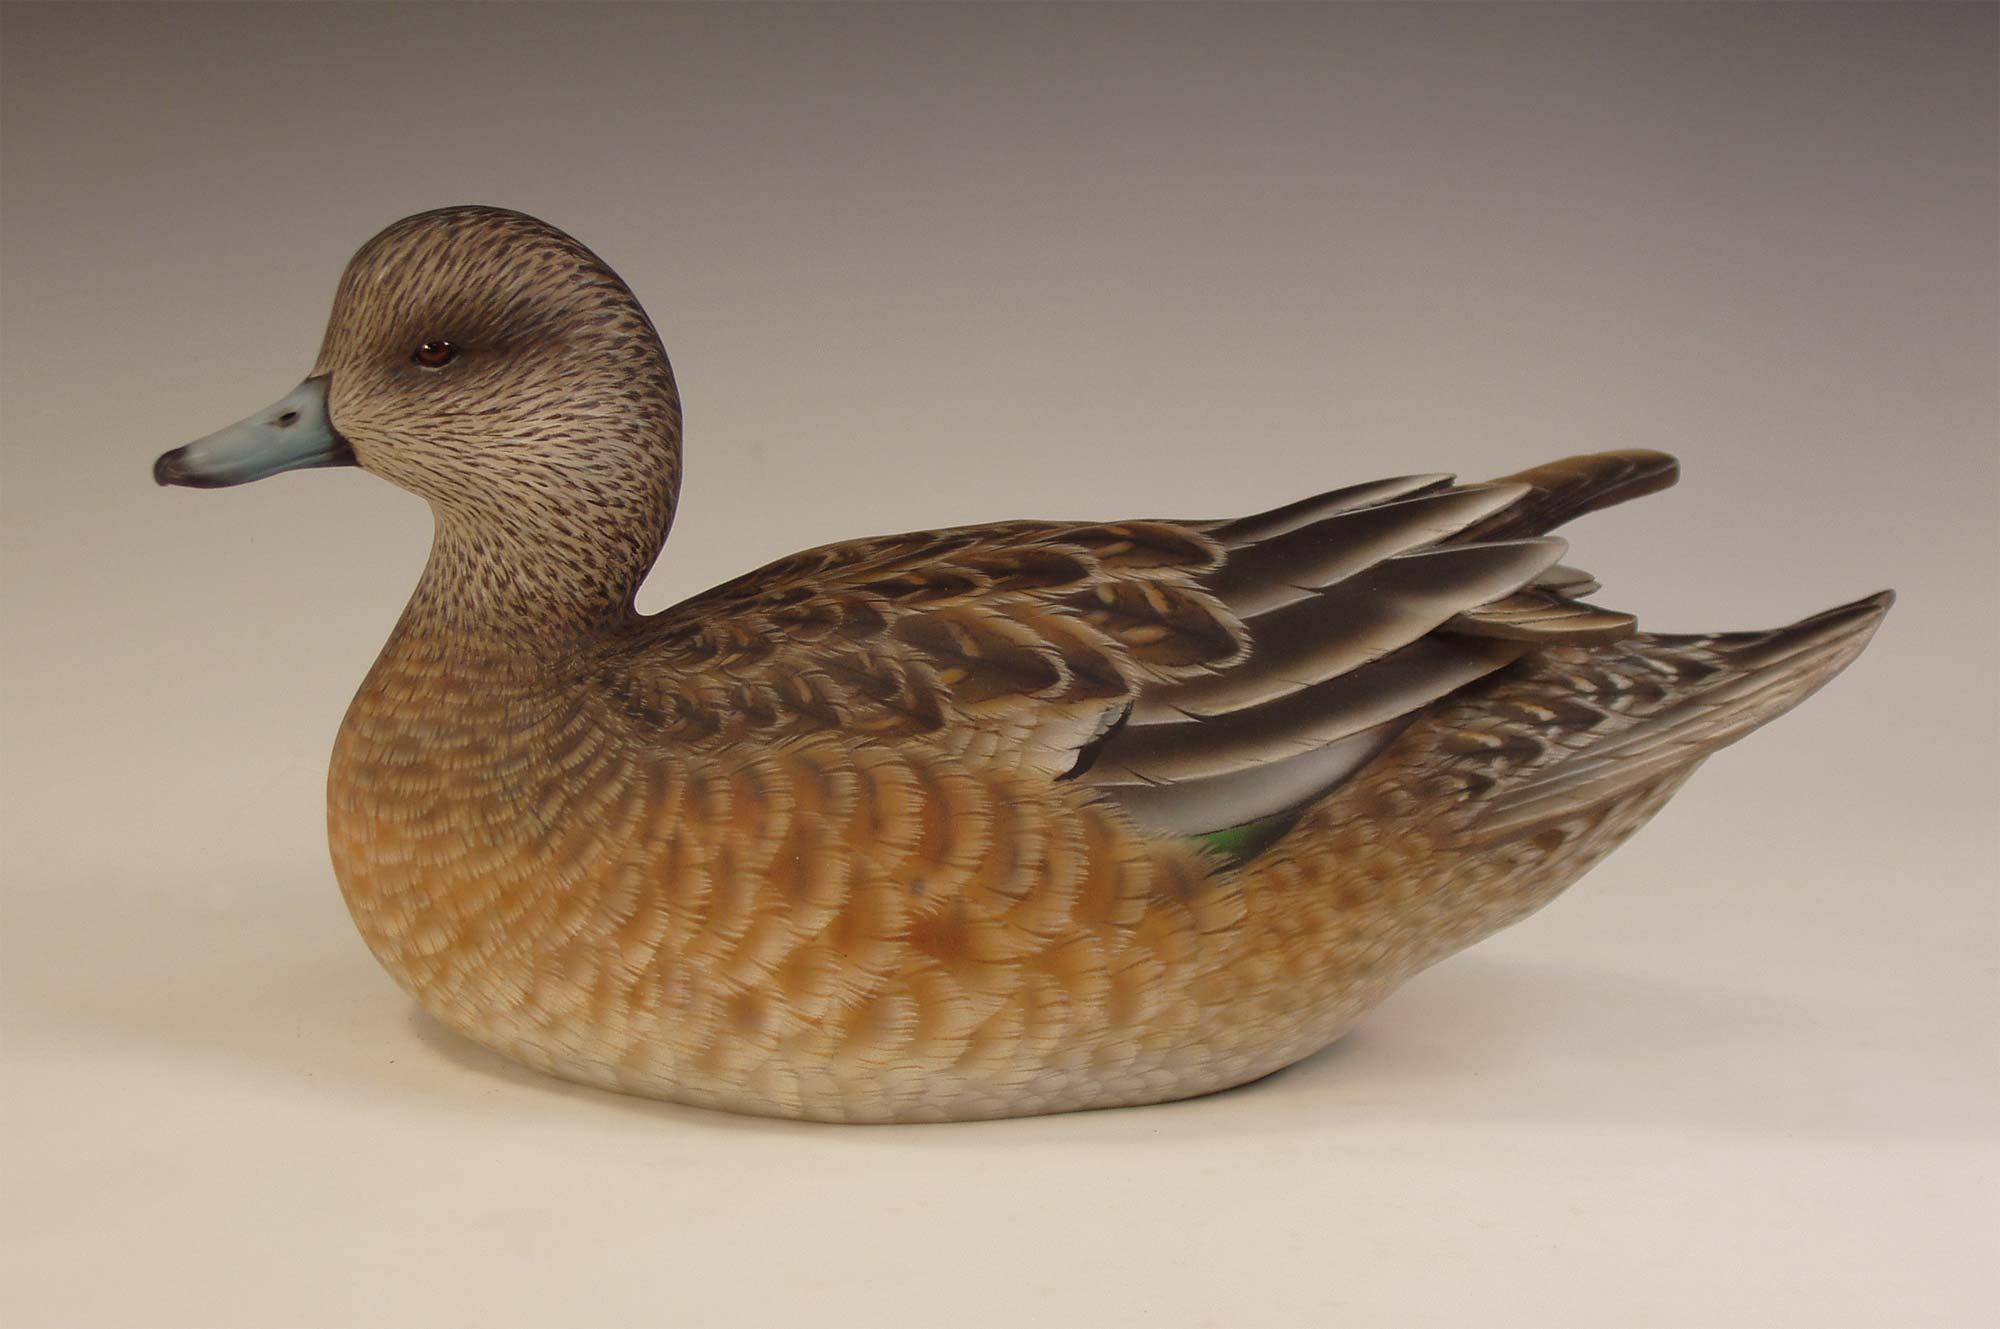 Wigeon duck hen - photo#6